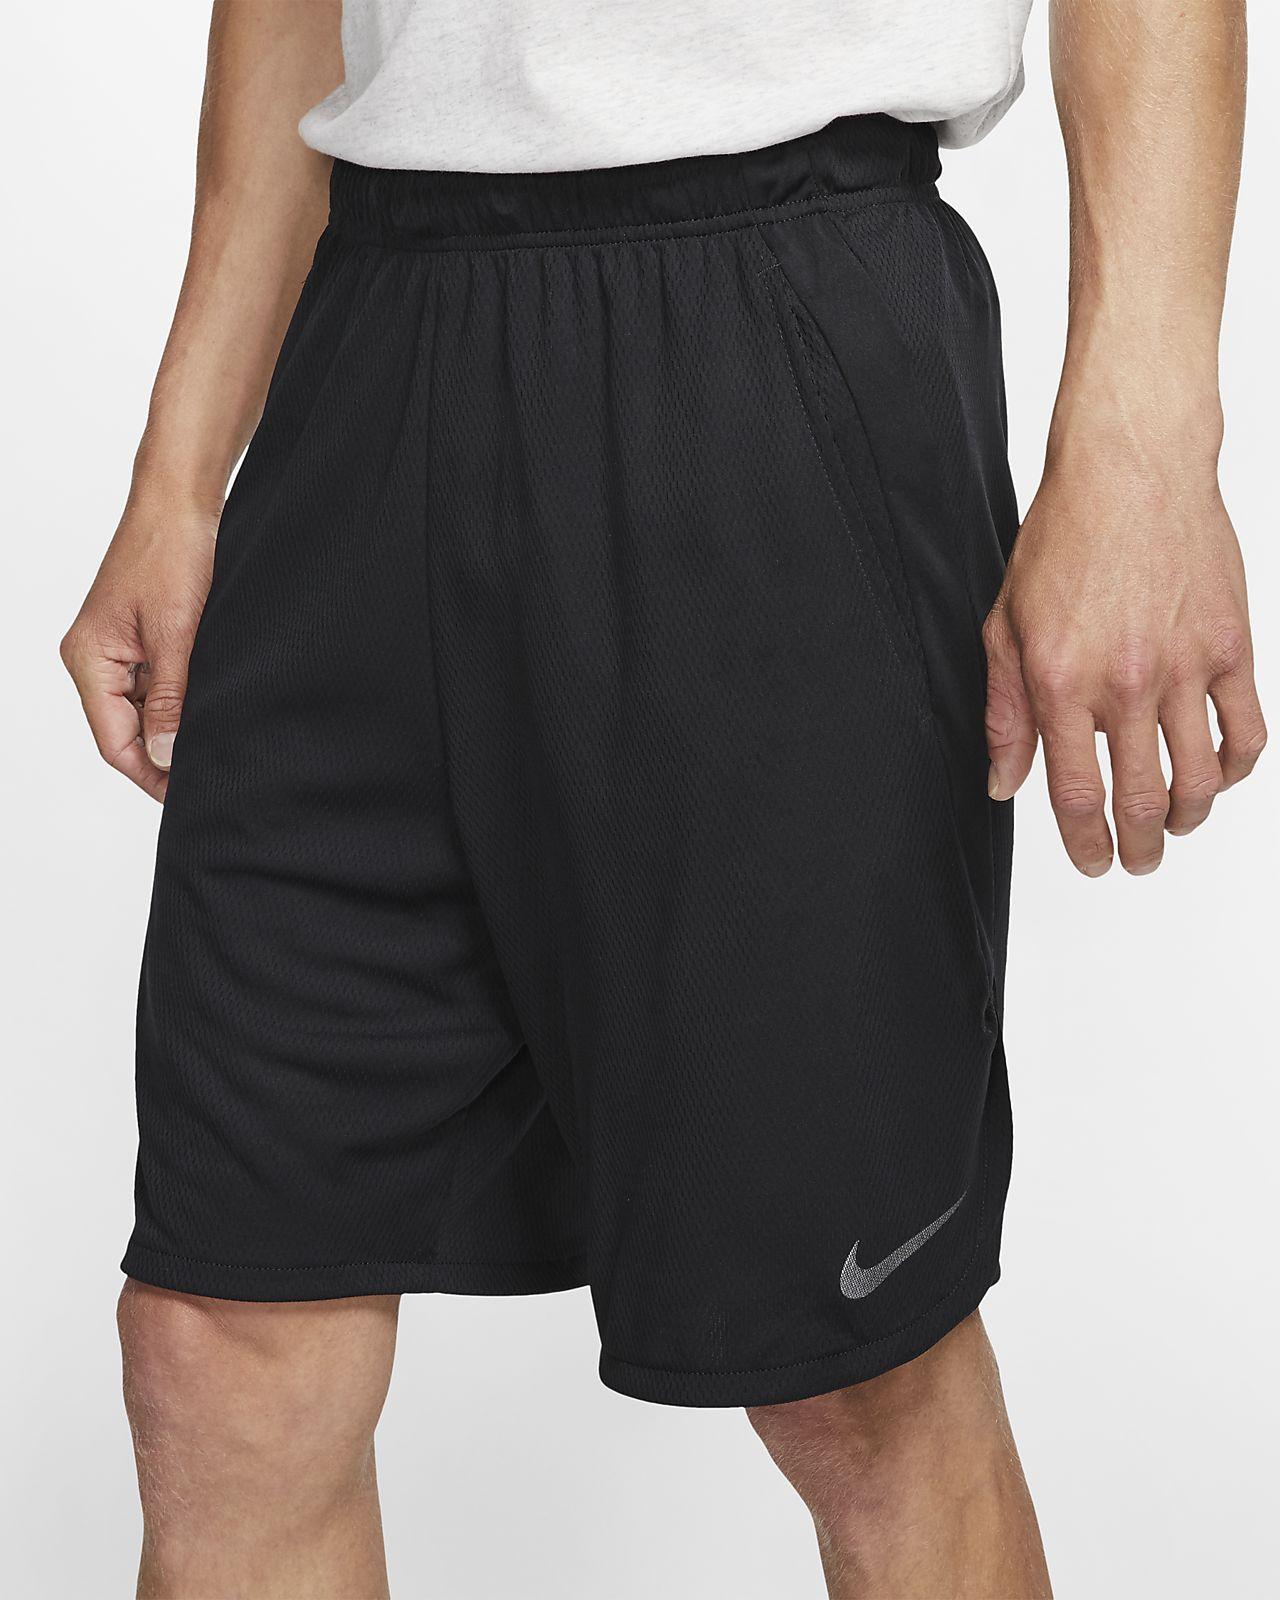 Męskie spodenki treningowe z tkaniny Nike Dri-FIT 23 cm